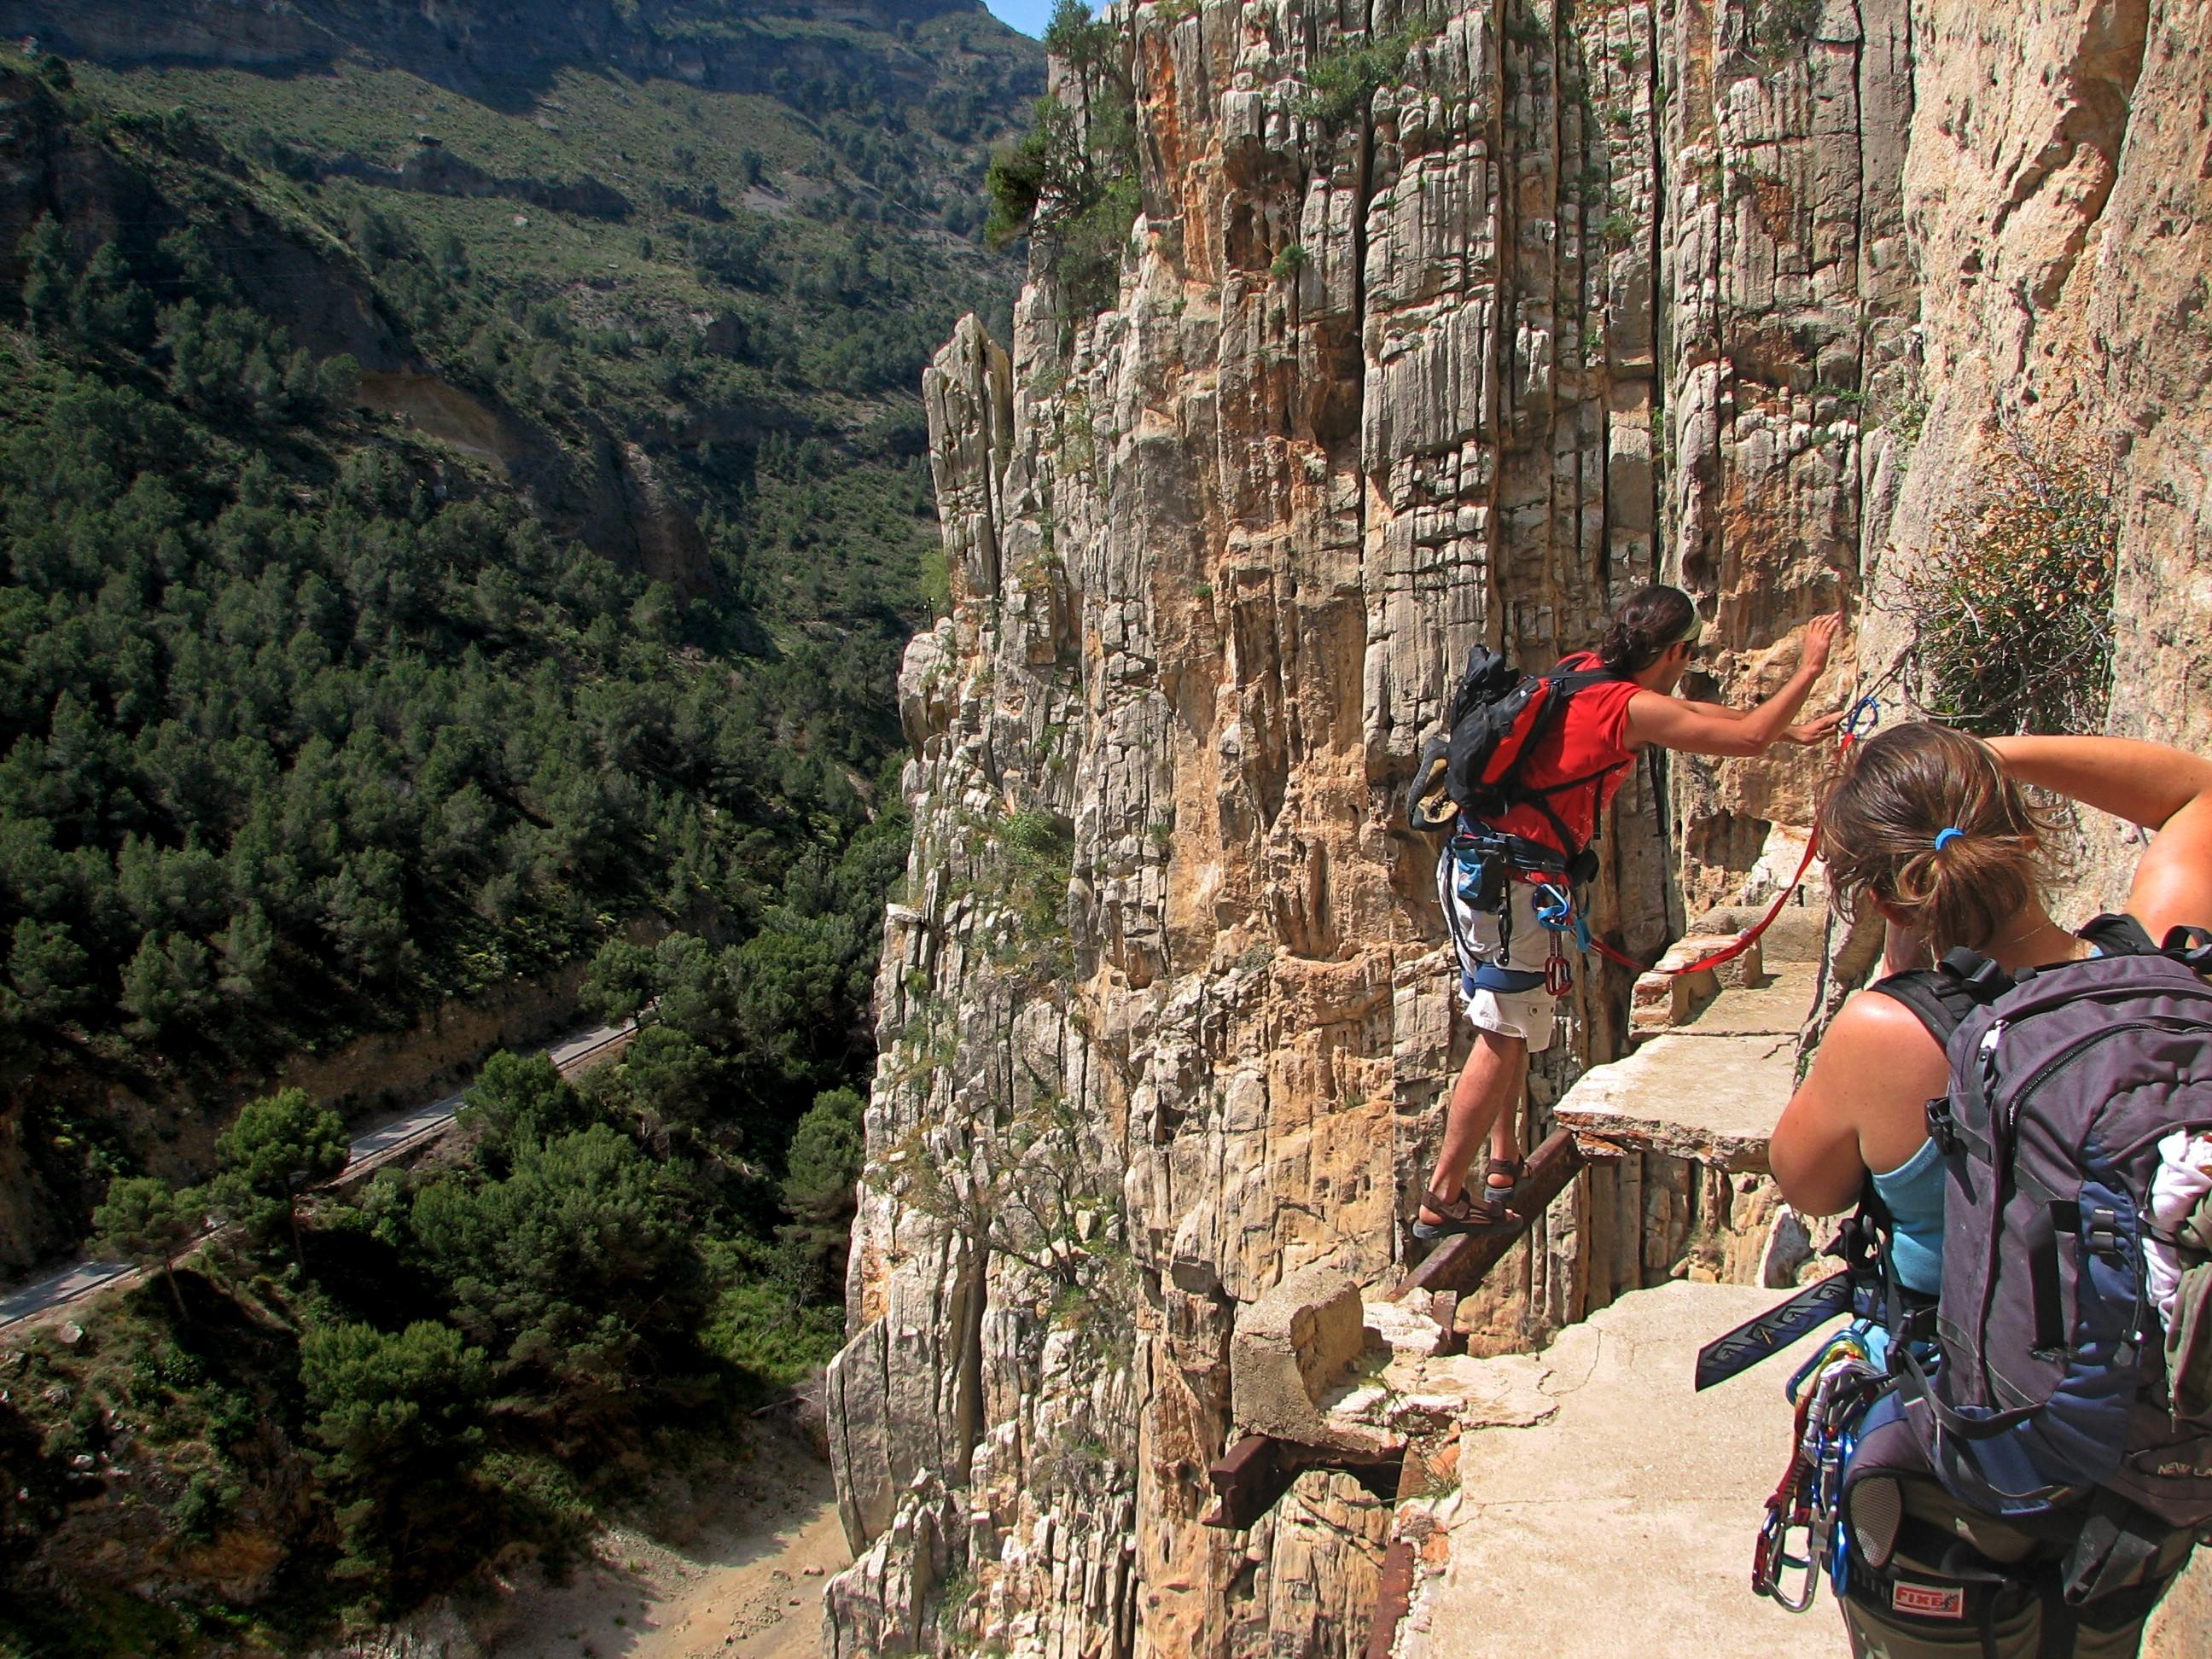 El Caminito Del Rey. Самая опасная горная тропа